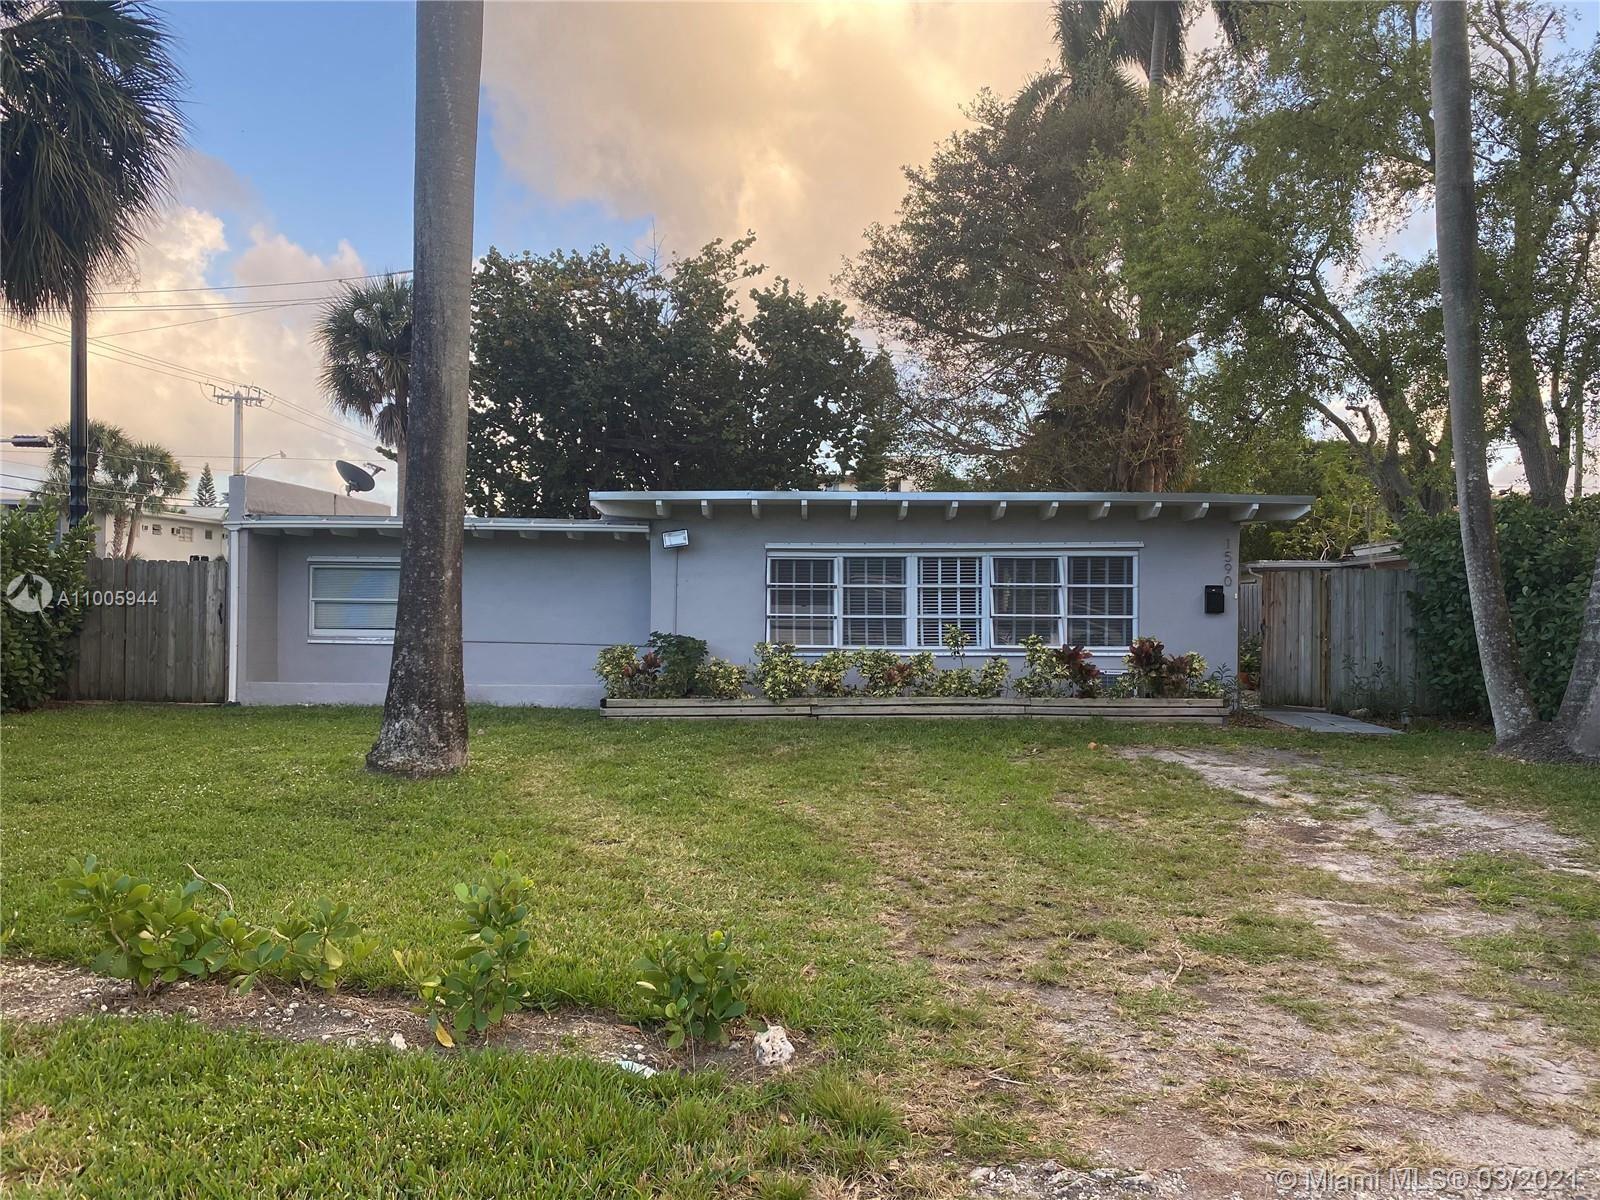 1590 NE 128th St, North Miami, FL 33161 - #: A11005944